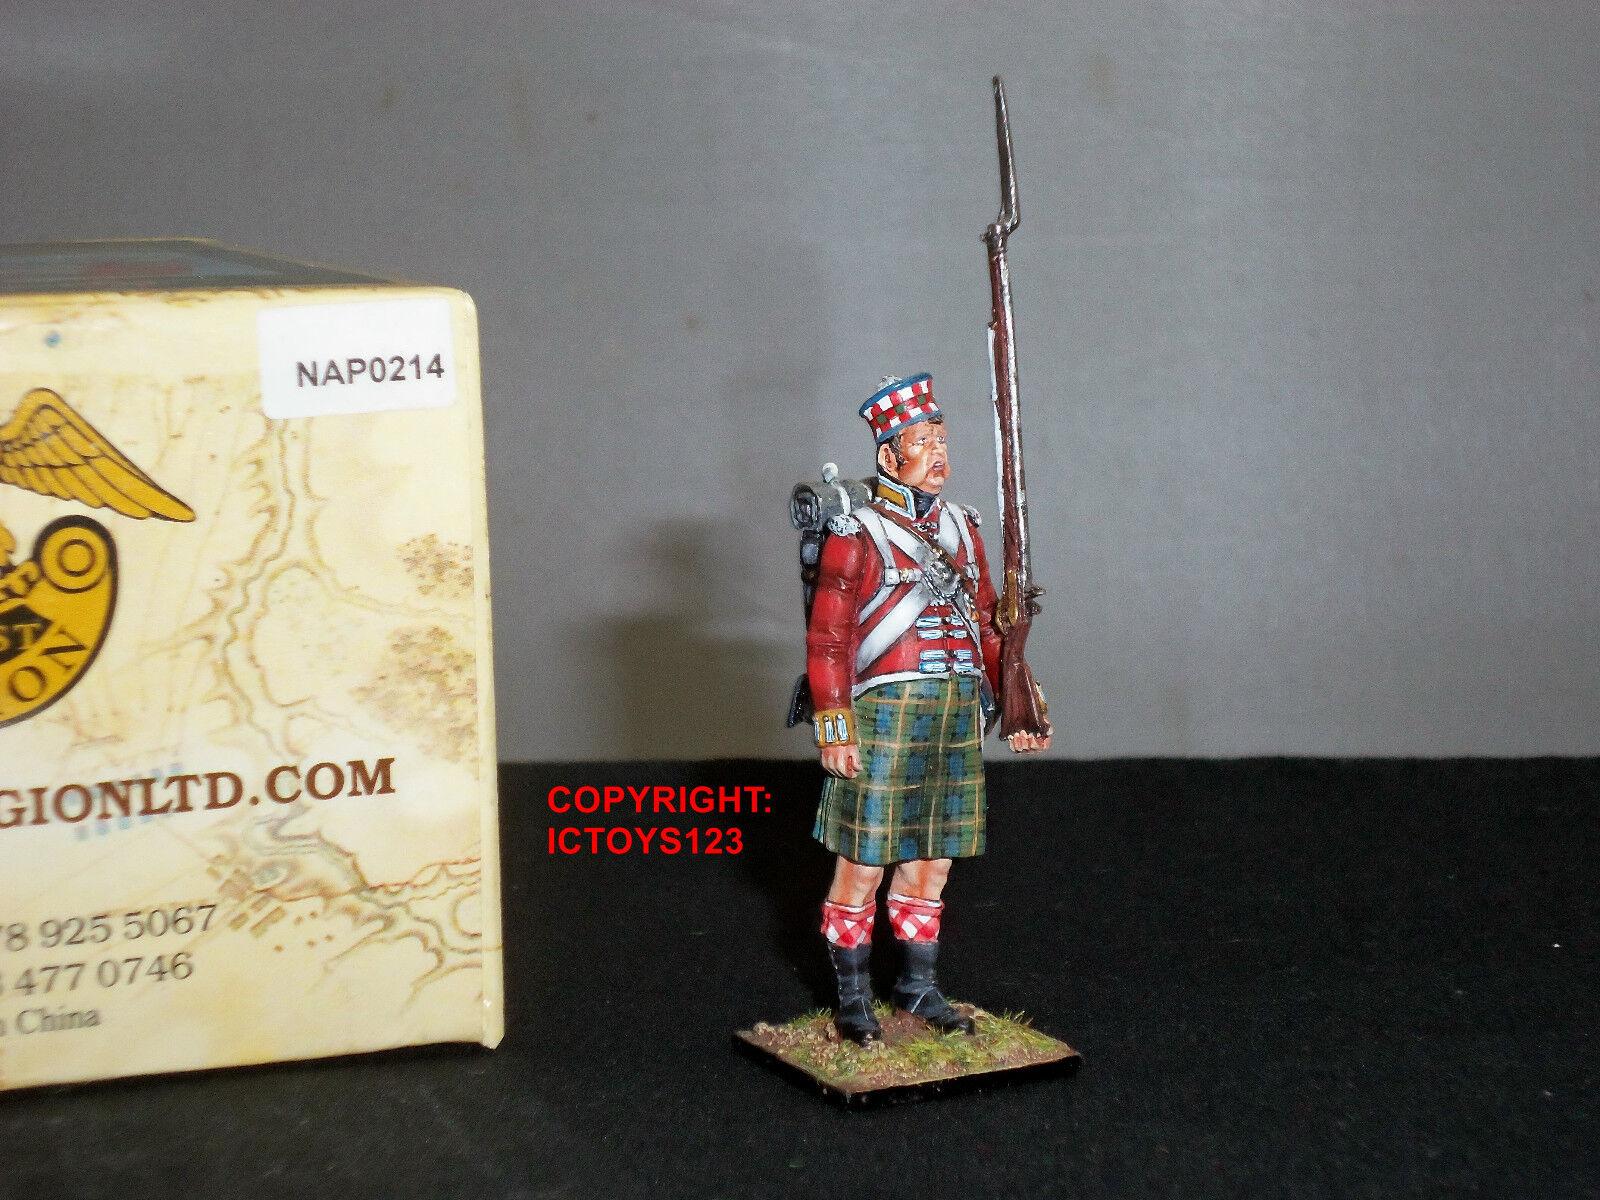 FIRST LEGION NAP0214 92ND GORDON HIGHLANDERS STANDING OVERWEIGHT TOY SOLDIER